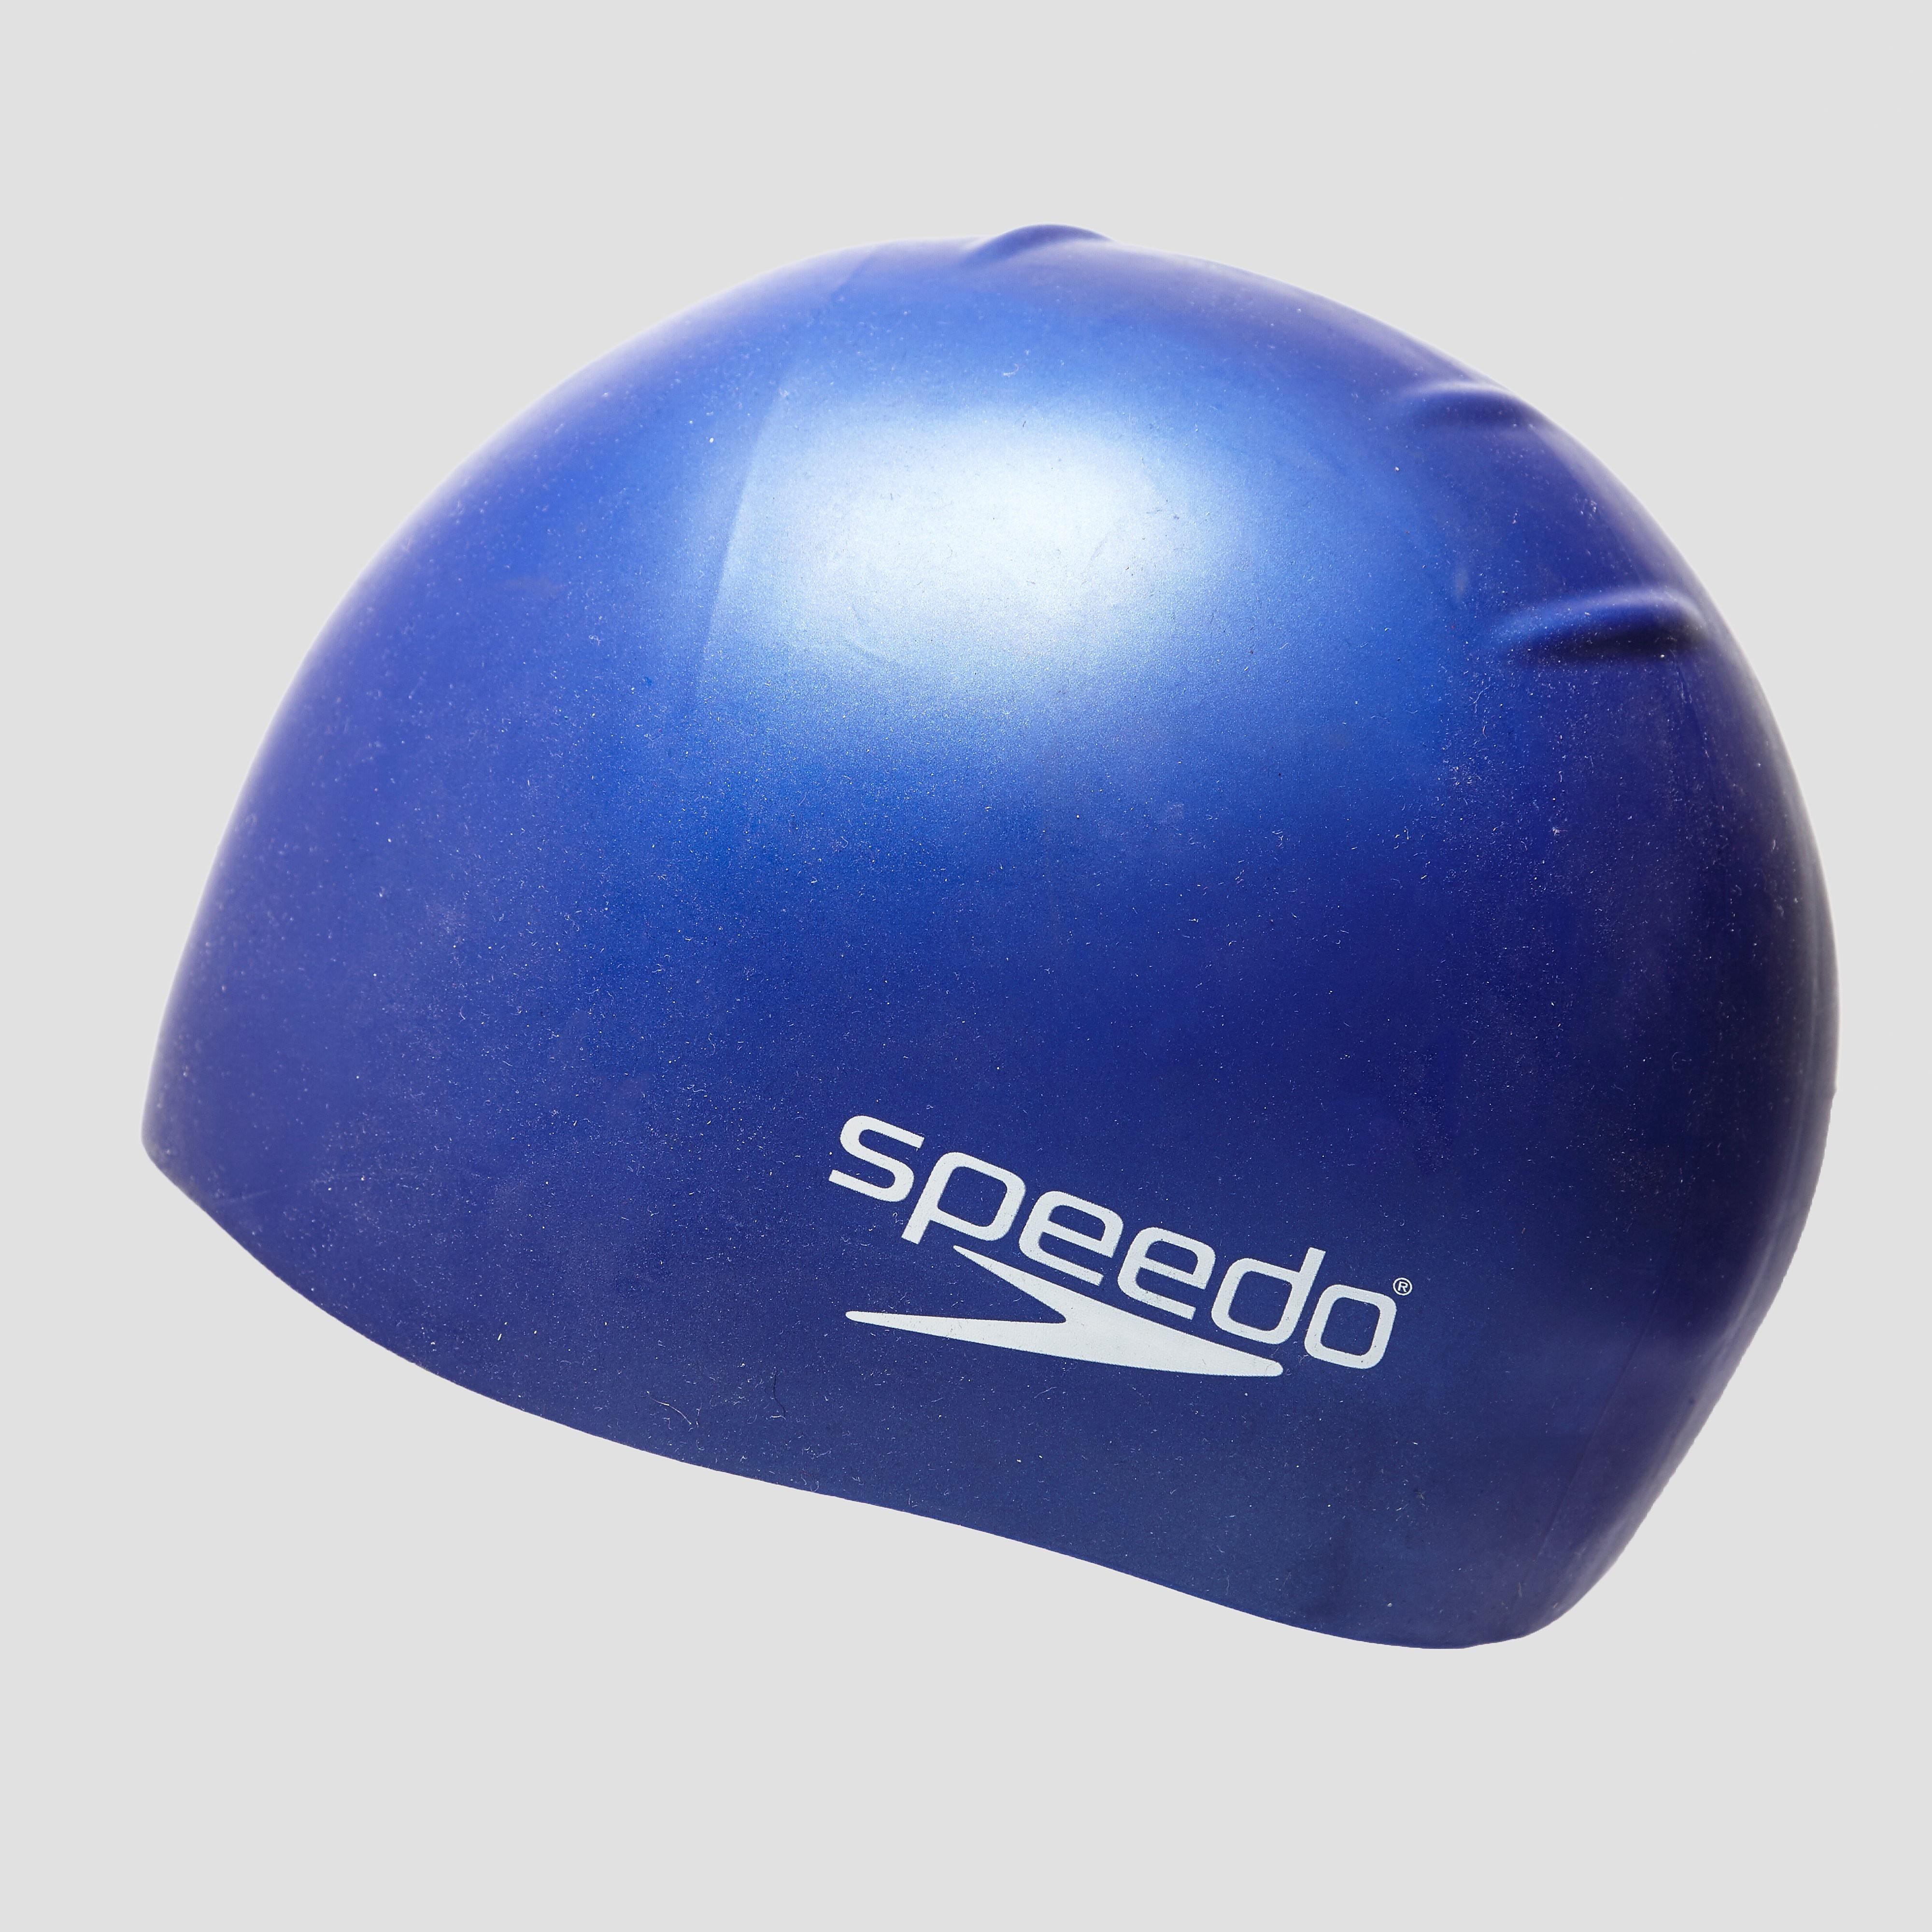 SPEEDO Silicone Adult Swimming Cap